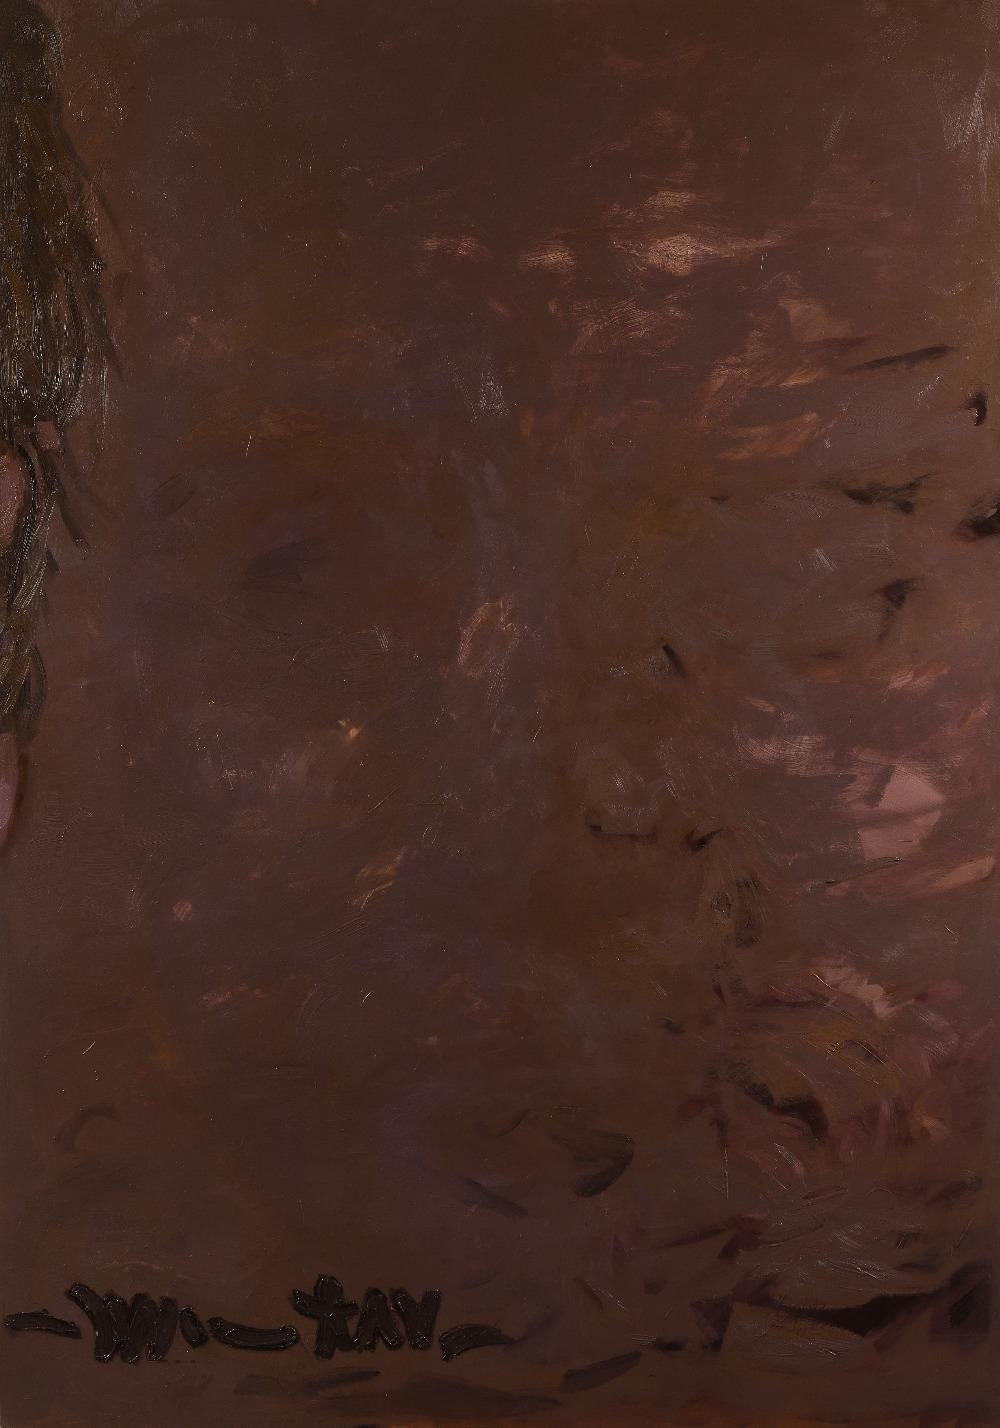 Babak ROSHANINEJAD (Iran 1977)Sans titre, 2007Huile sur toile, diptyque 200 x 280 cm (l'ensemble) - Image 2 of 2